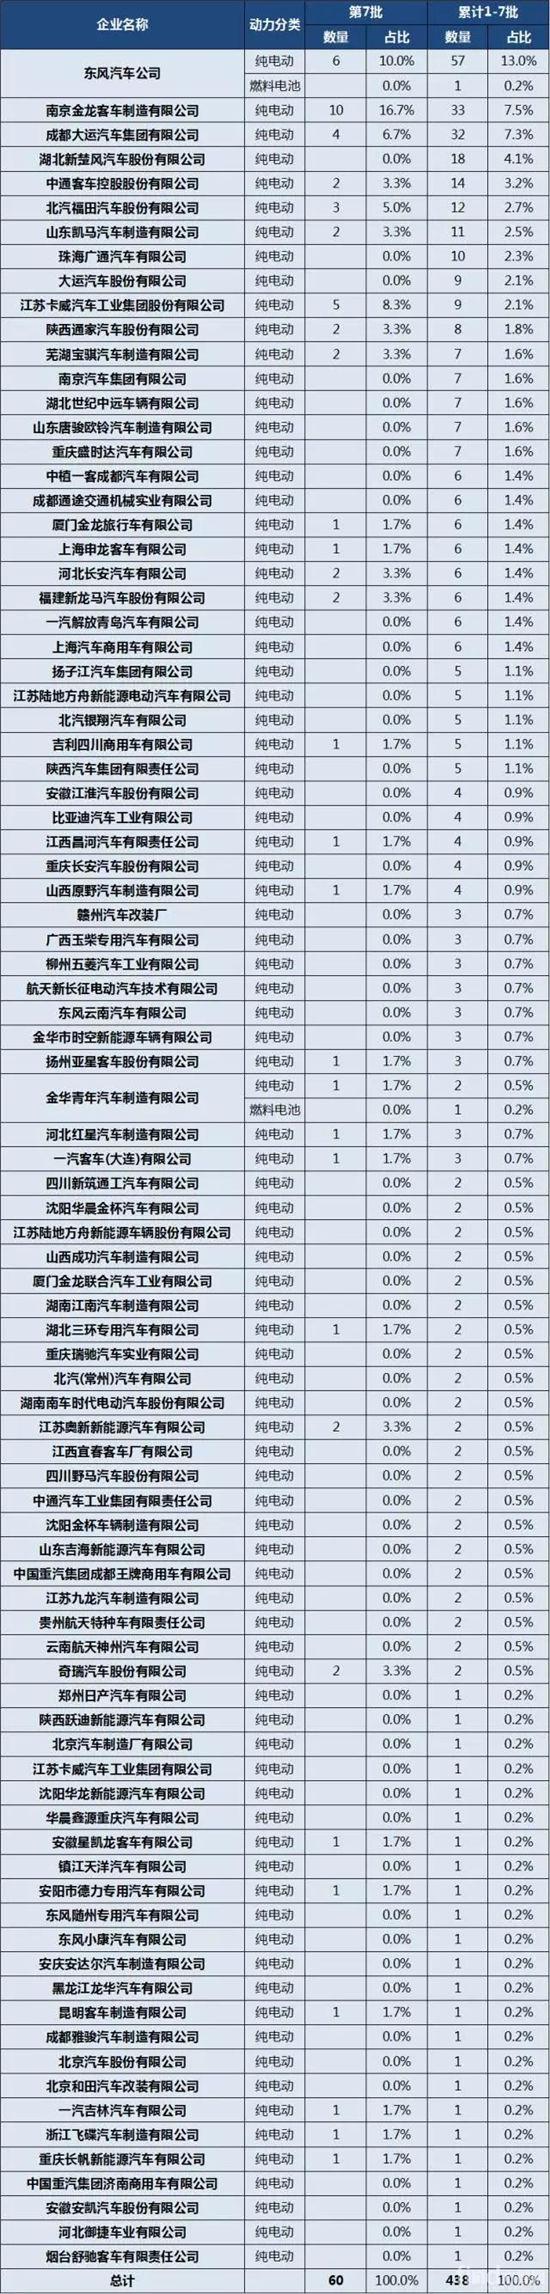 新能源厢货推广应用推荐车型企业申报统计